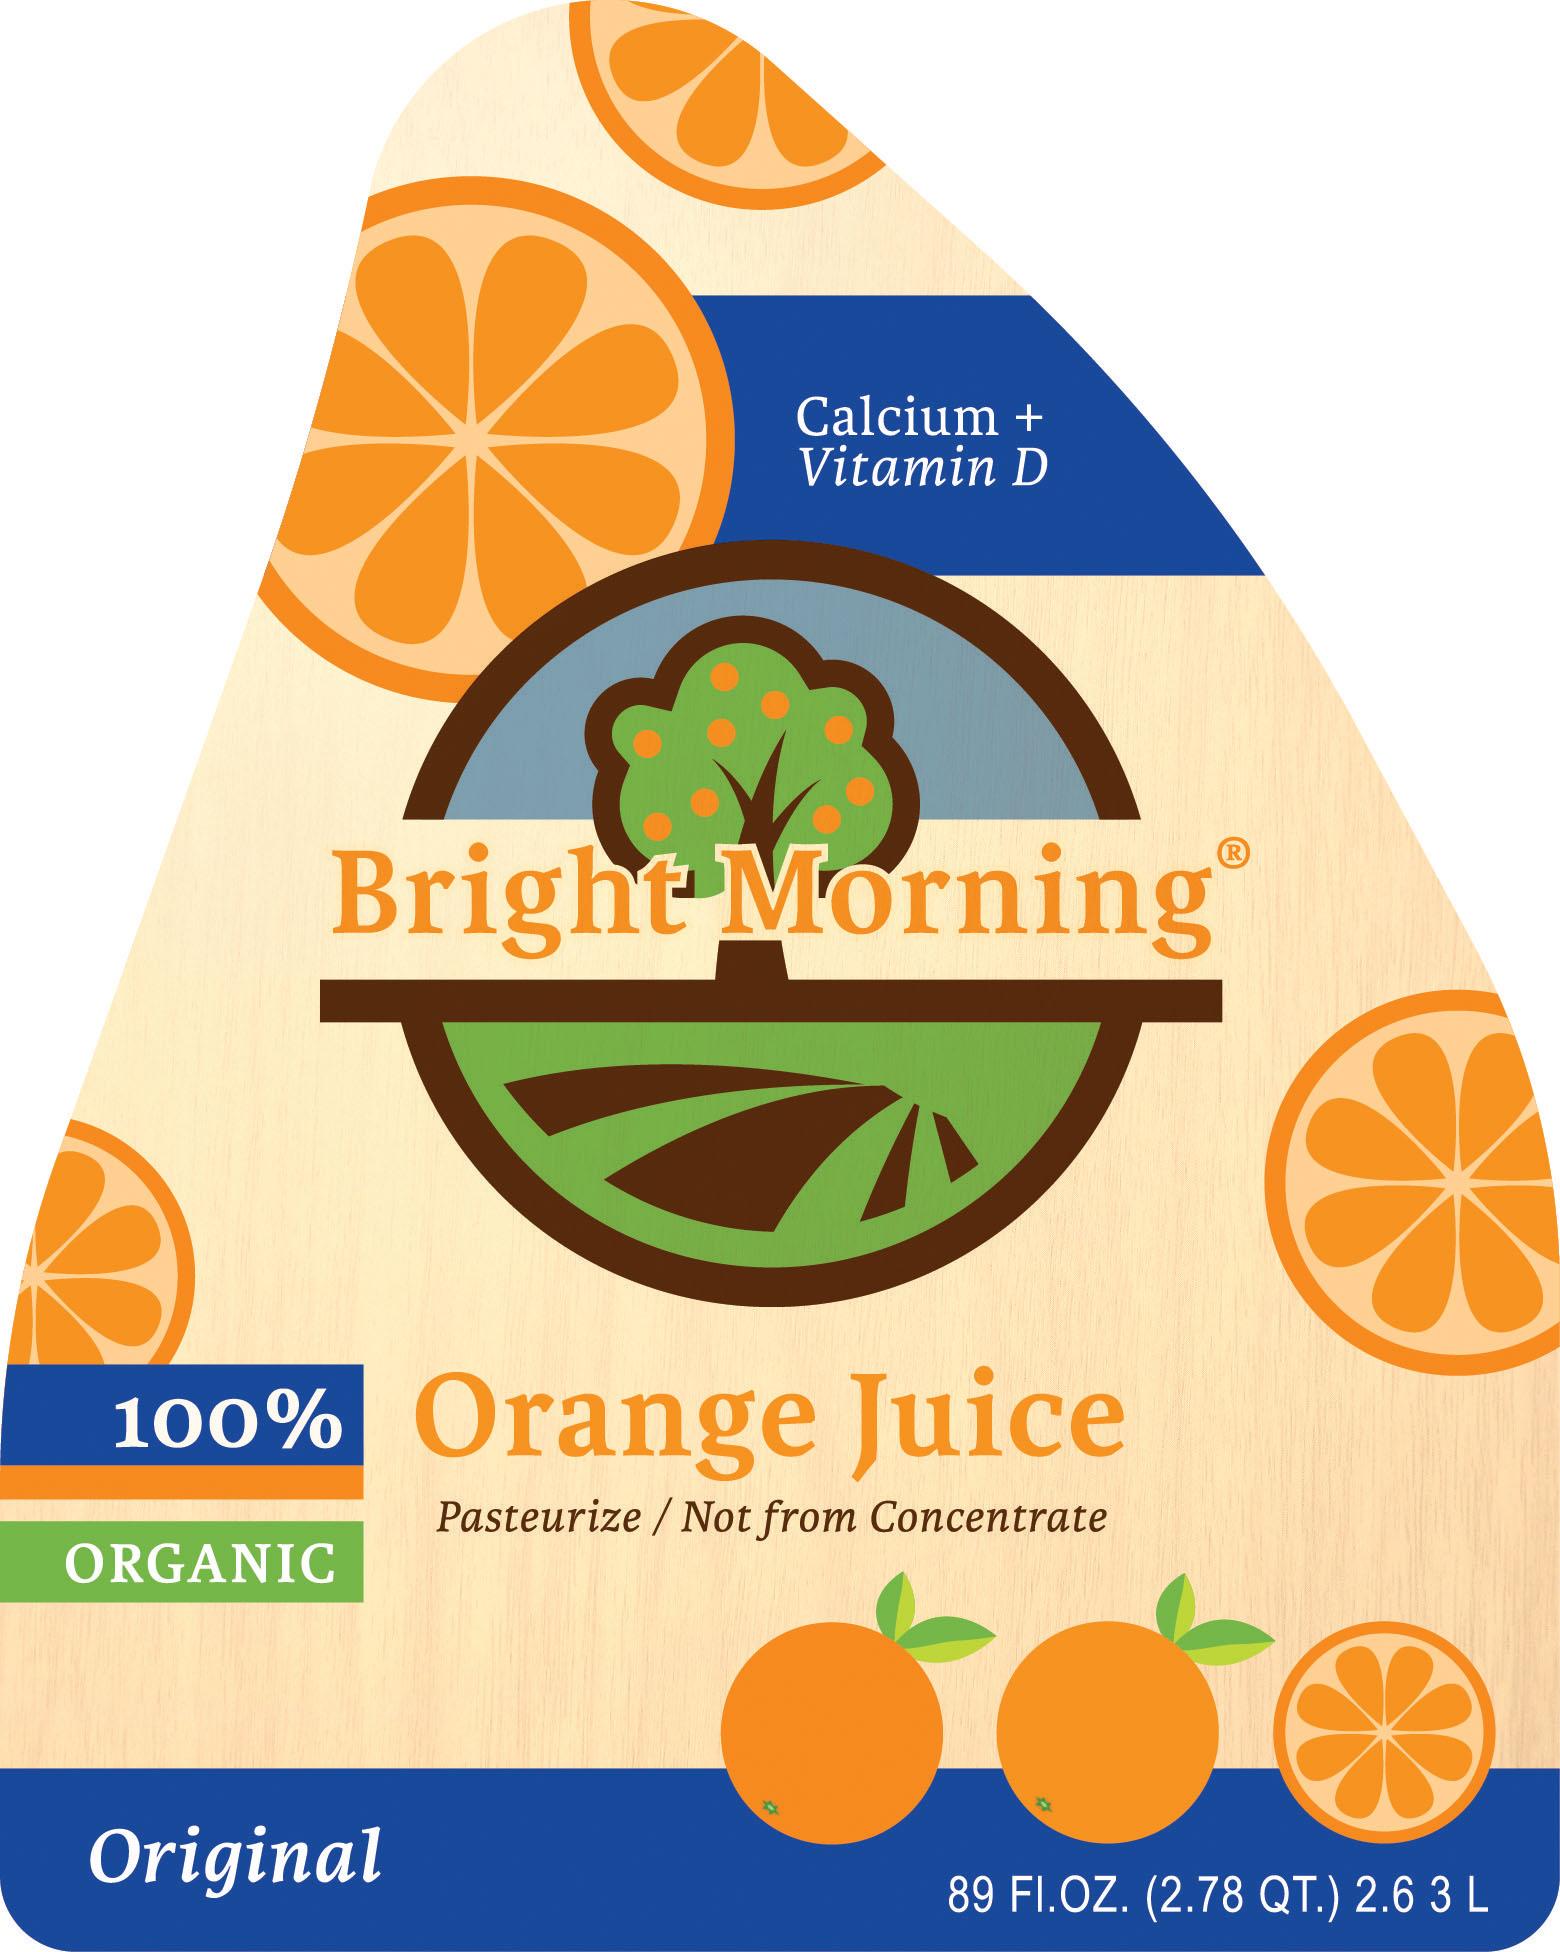 Bright Morning OJ Label-01